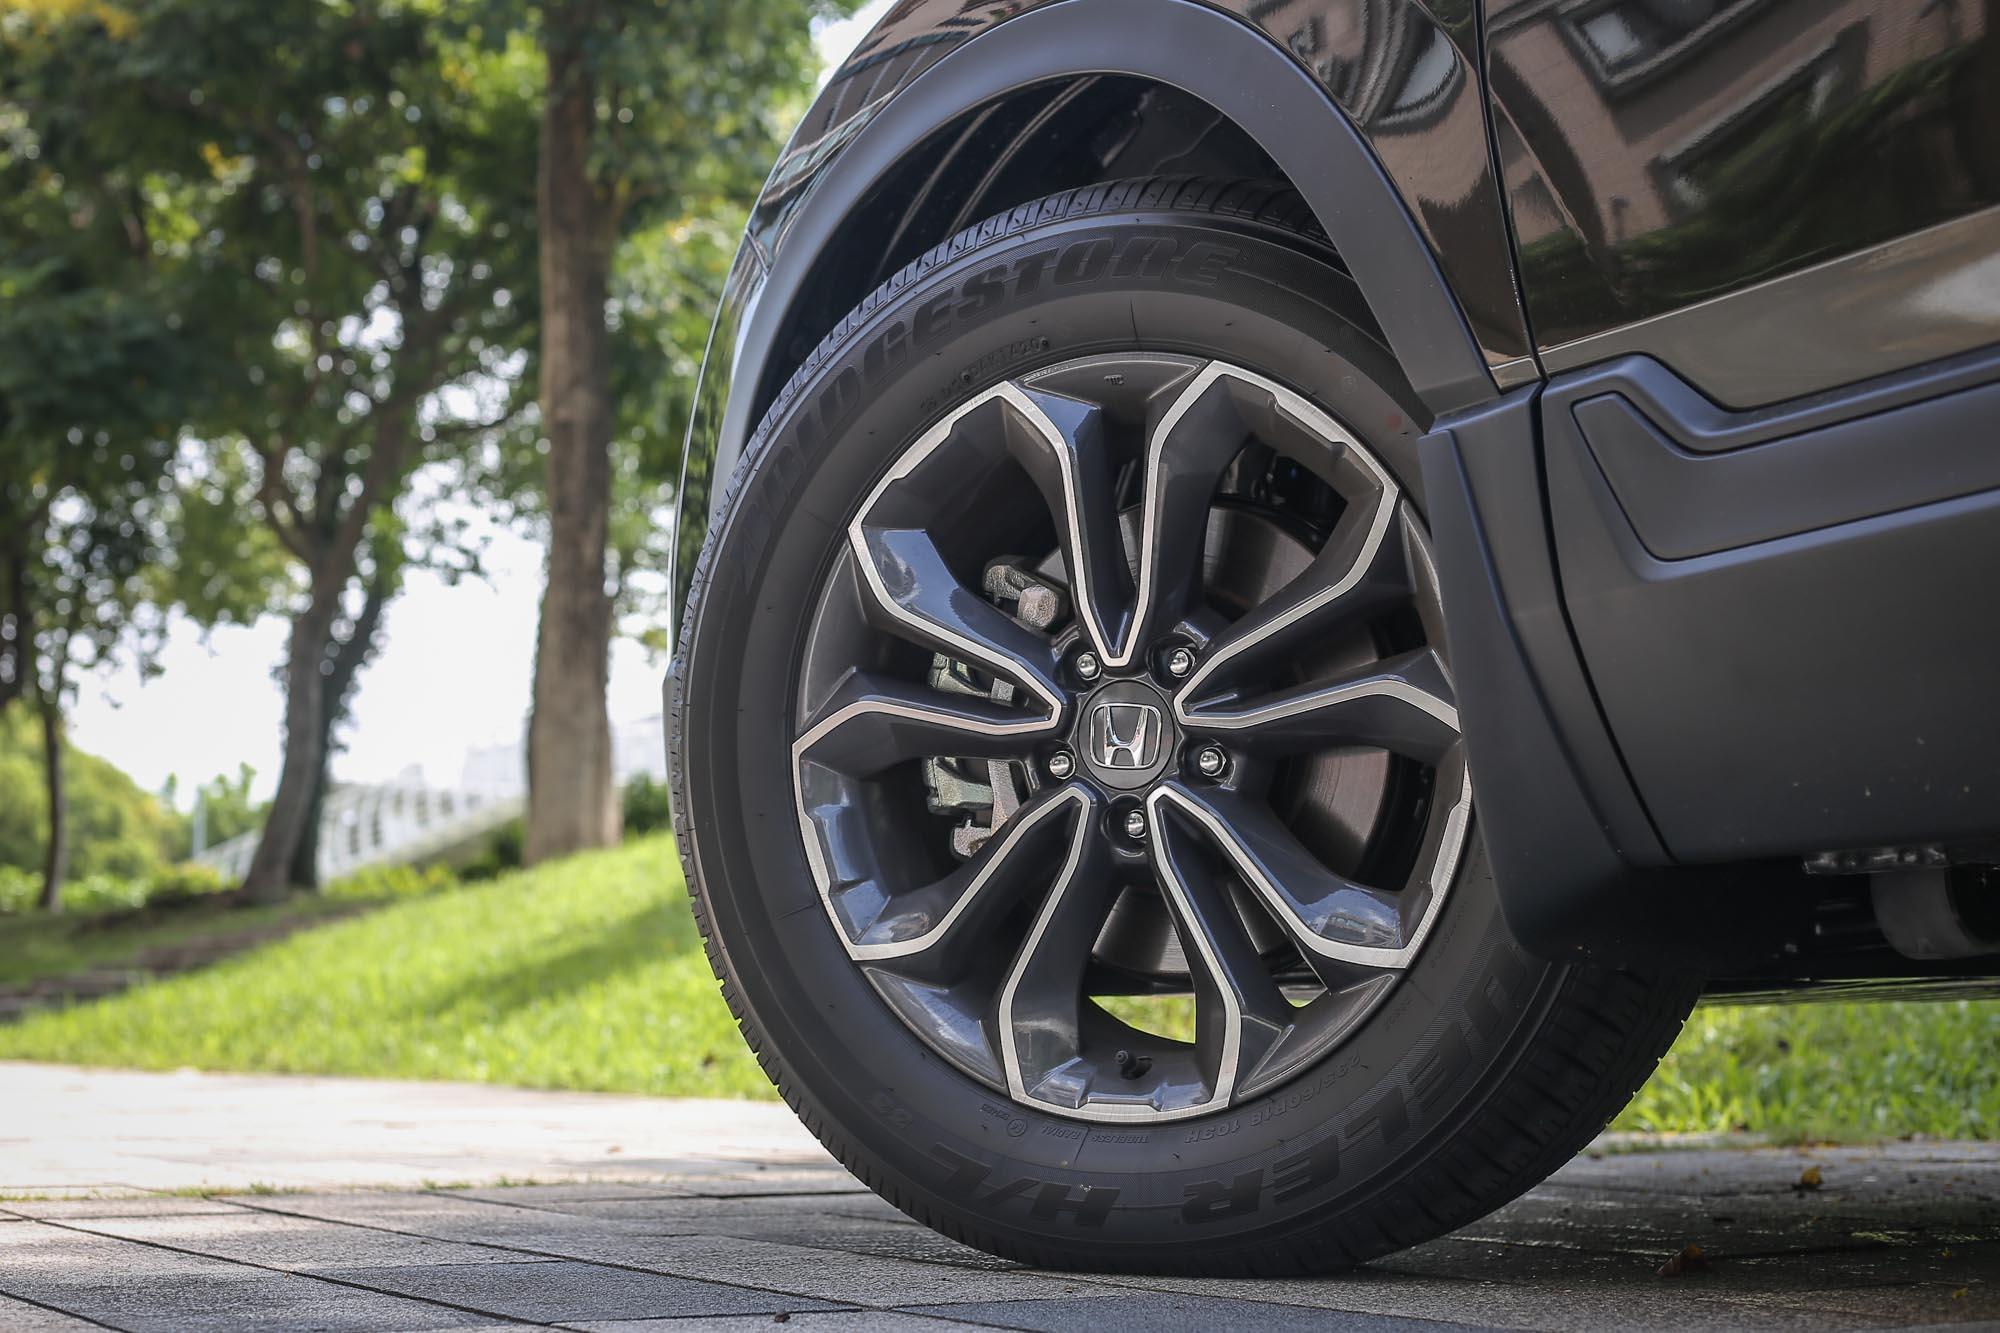 小改款 CR-V 皆配備 18 吋輪圈規格,並換上全新造型。